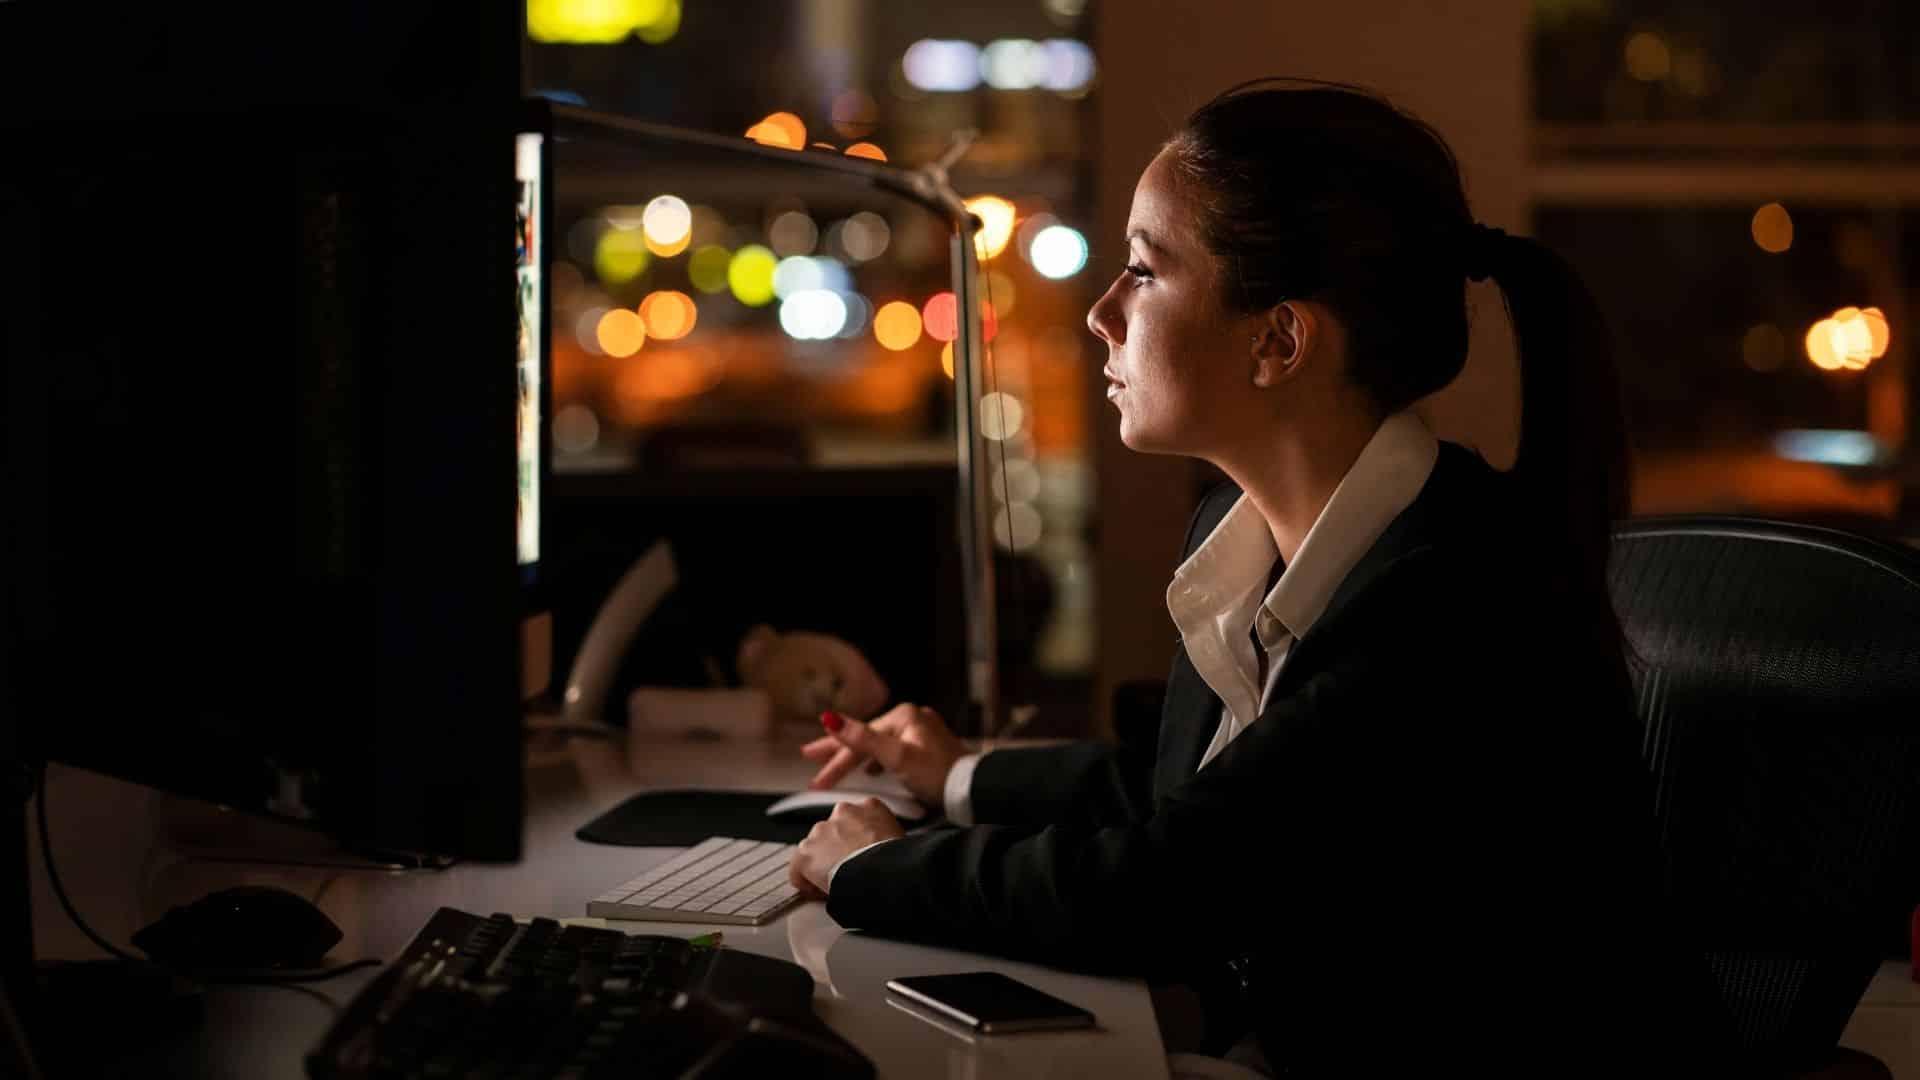 Le présentéisme au travail, un phénomène contemporain